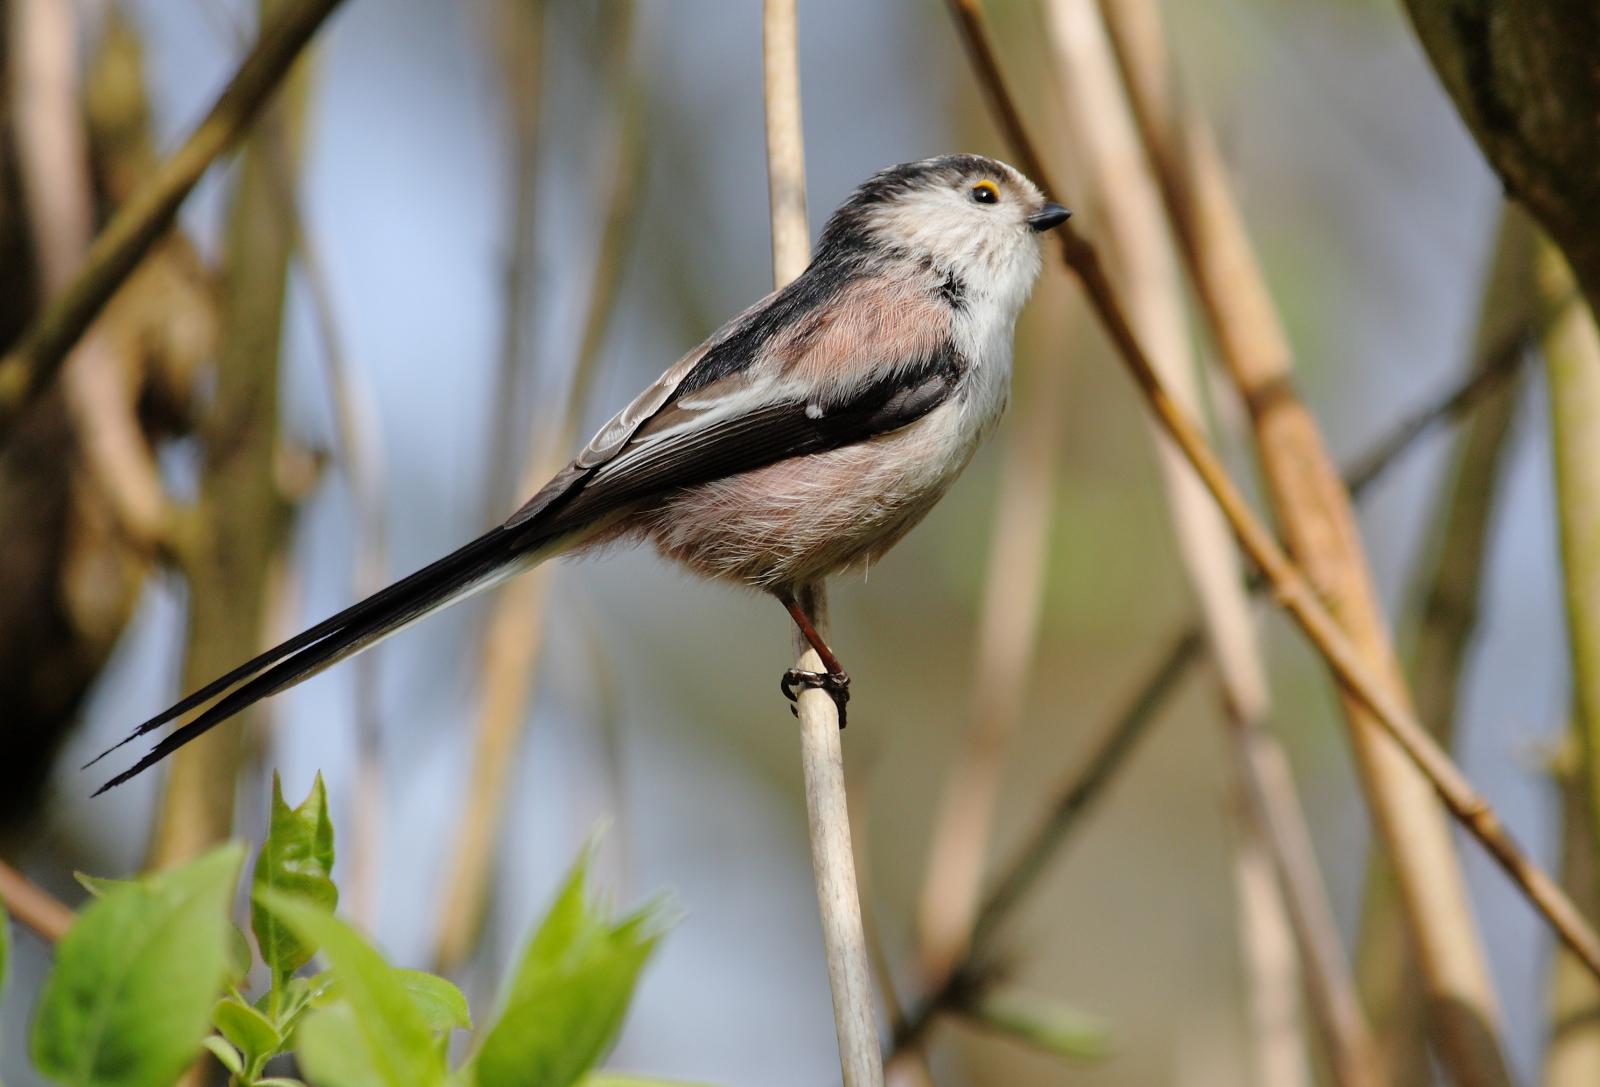 Les oiseaux et autres Animaux de nos jardins et forets ...